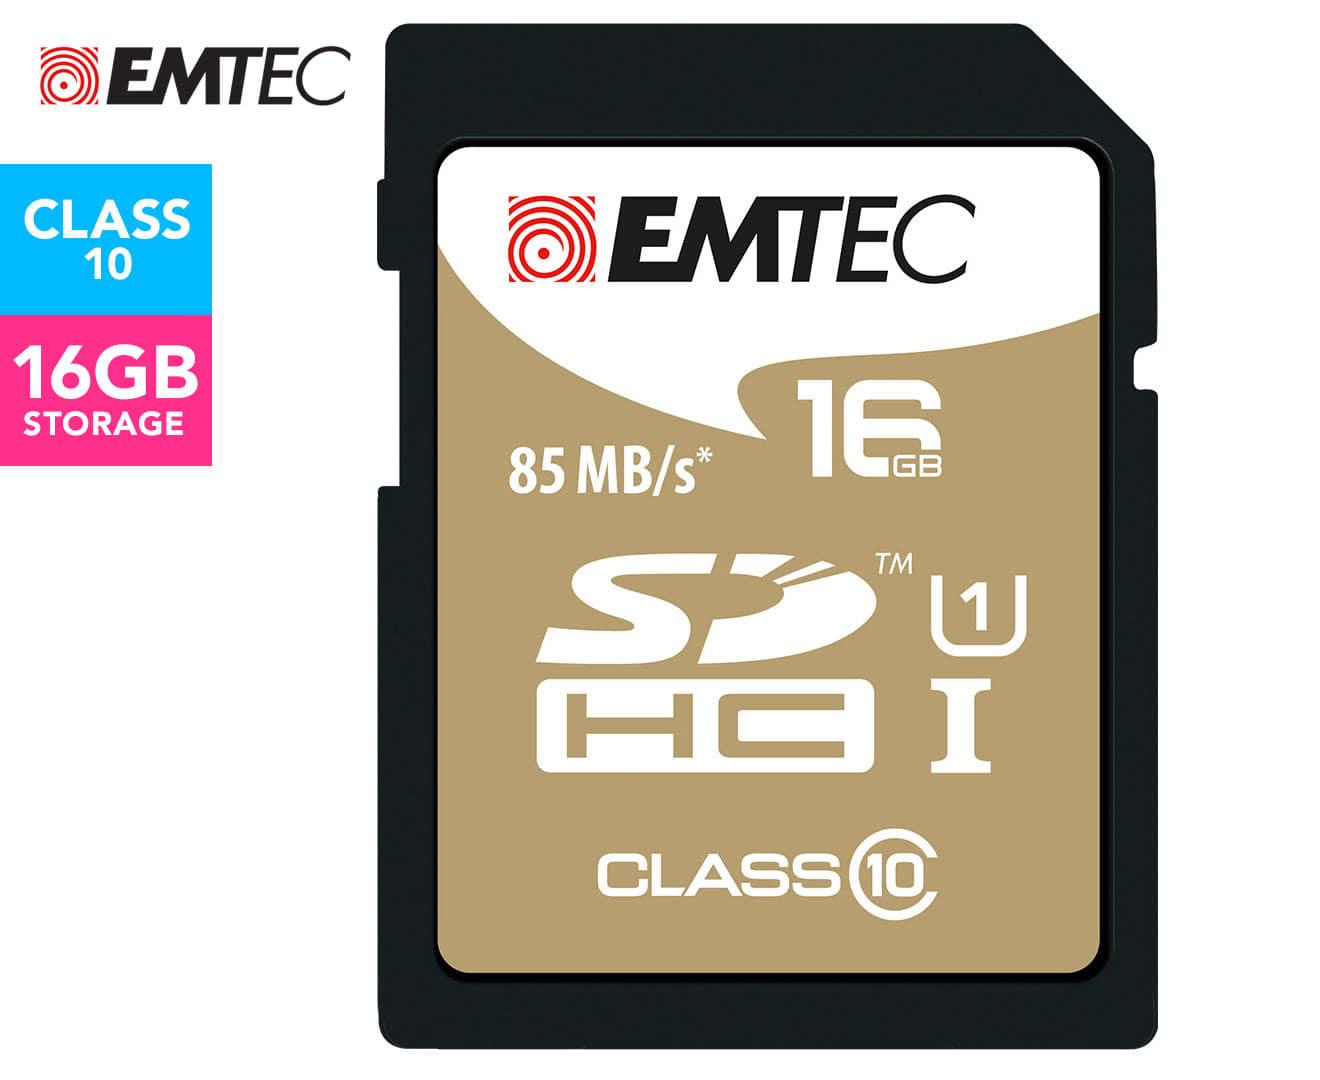 EMTEC SDHC Class 10 Gold+ 16GB SD Card